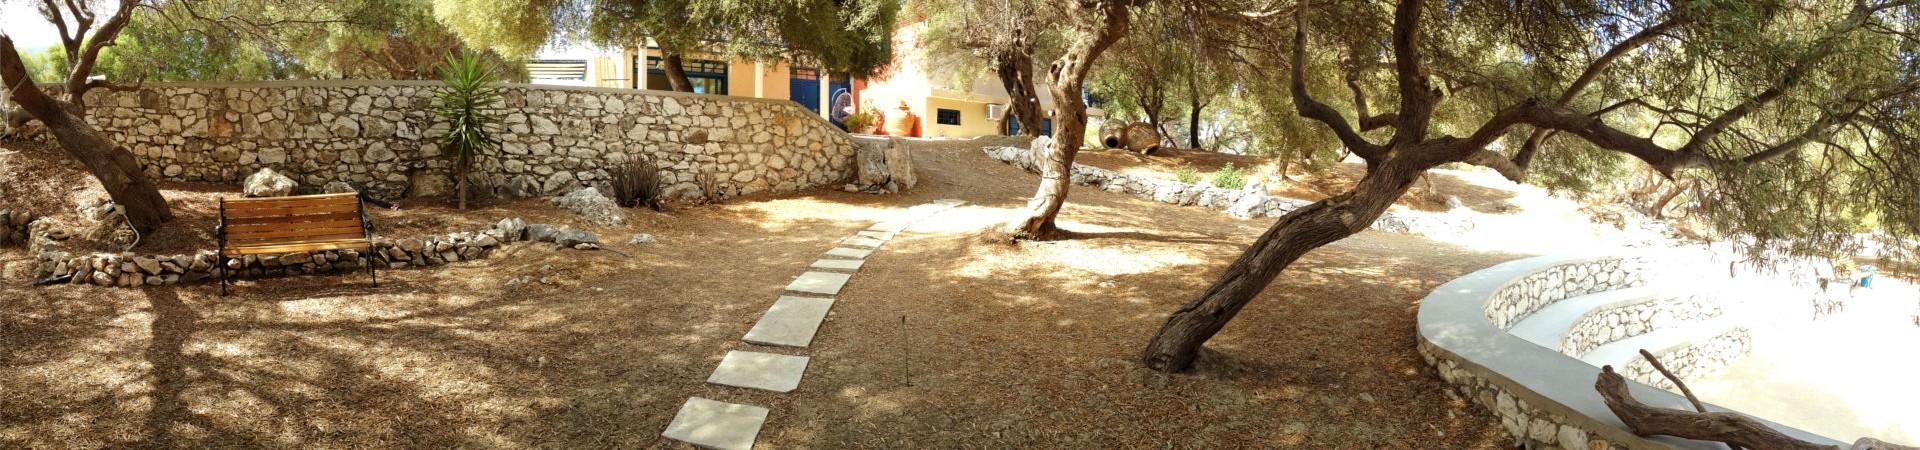 The villa's yard